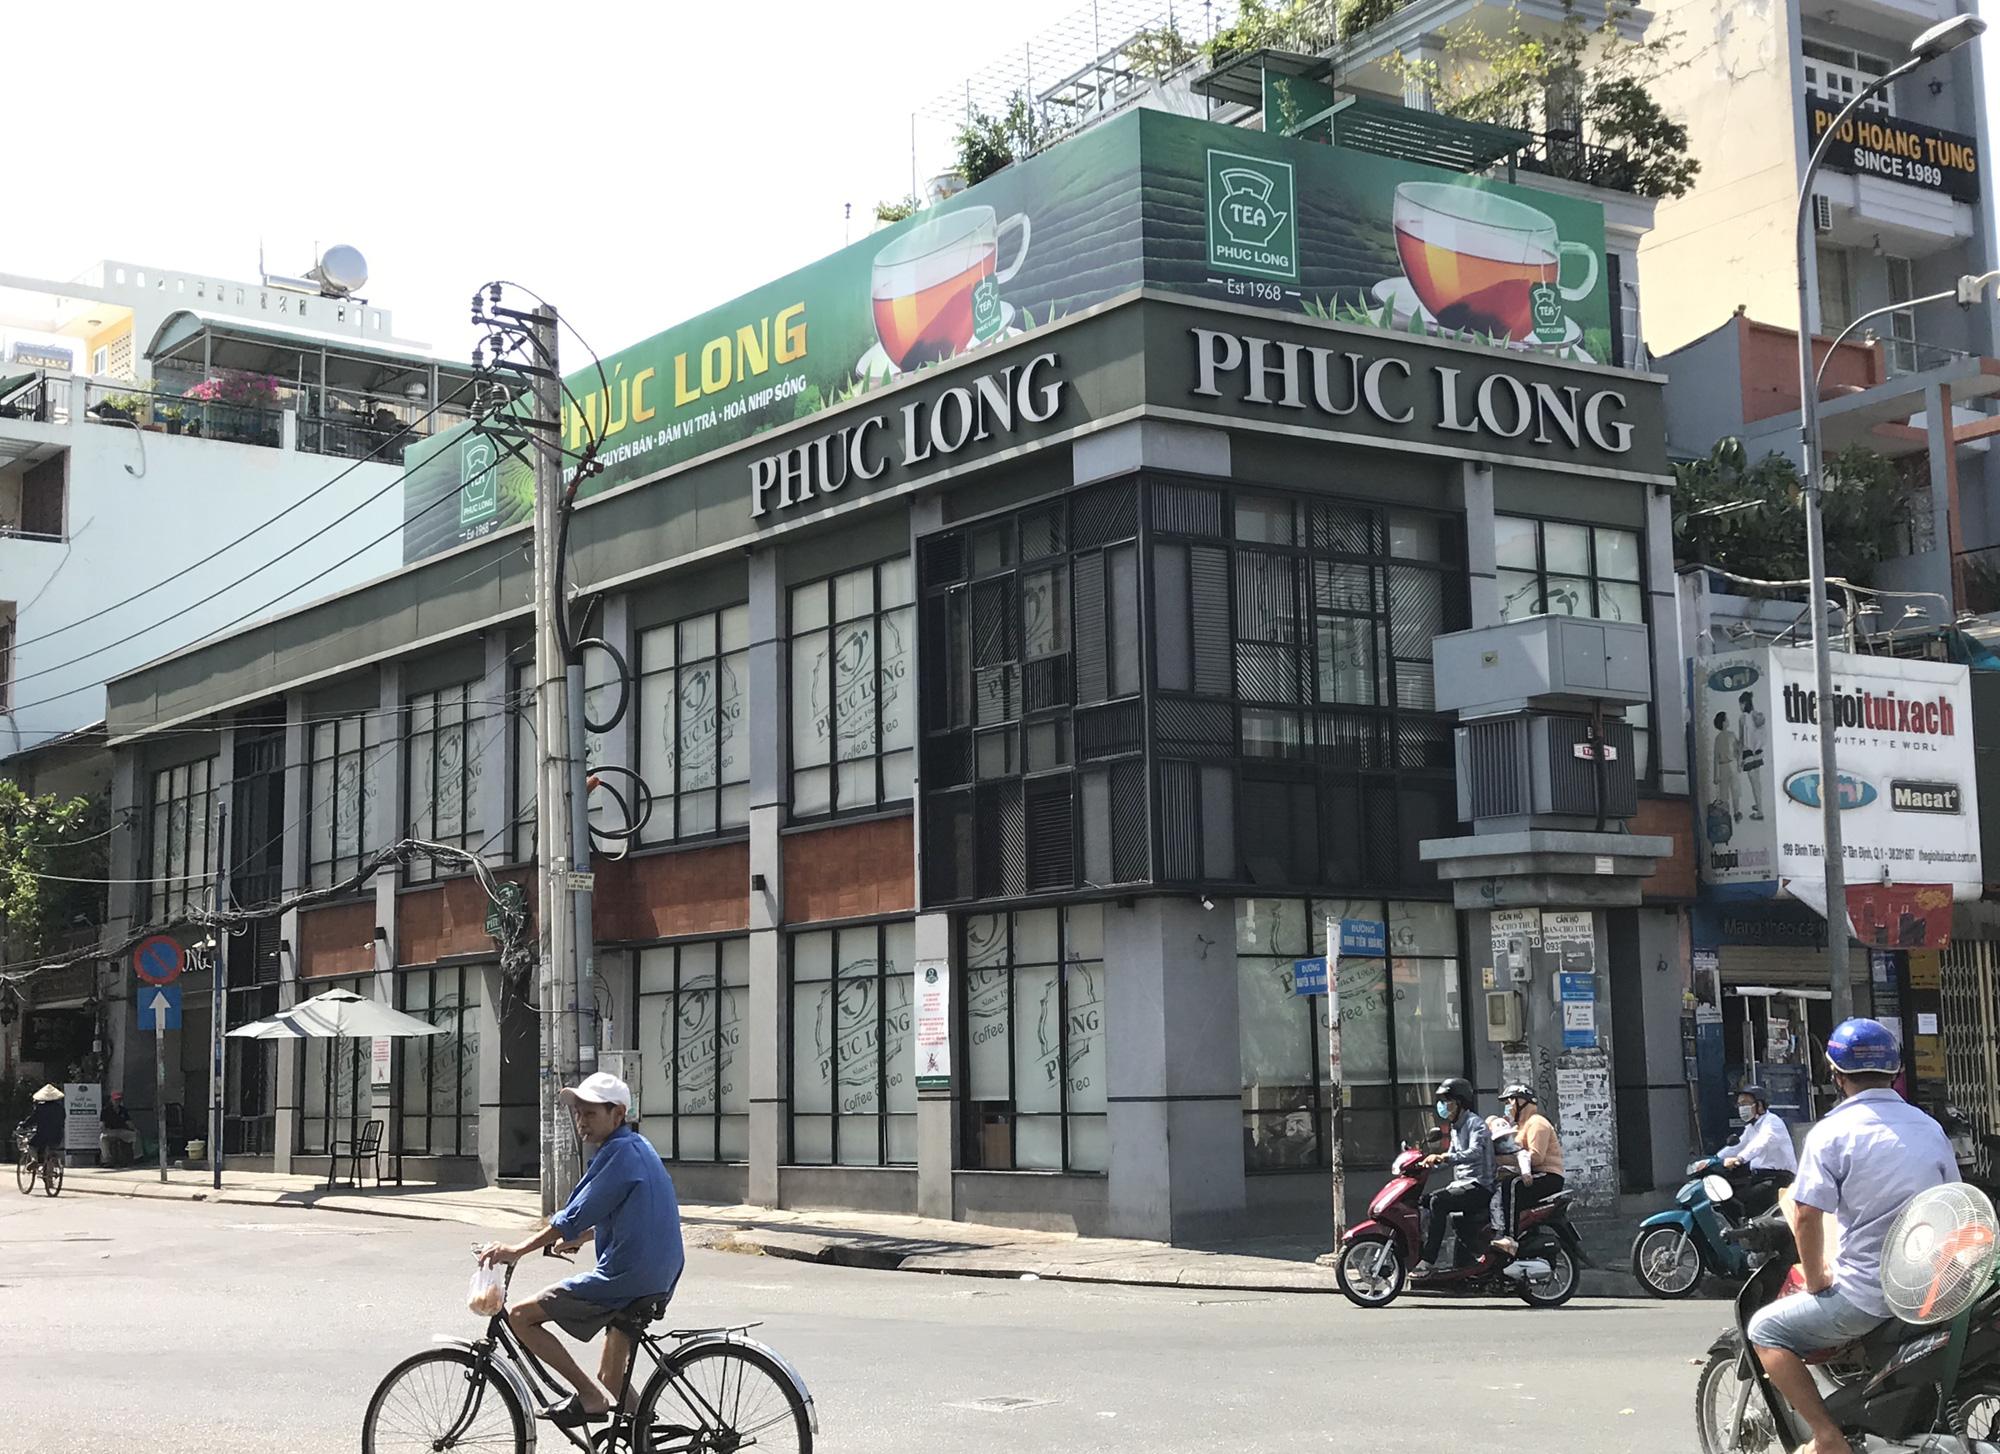 Tiệm vàng, Chanel, Gucci Sài Gòn cũng đóng cửa im ỉm phòng dịch Covid-19 - Ảnh 5.